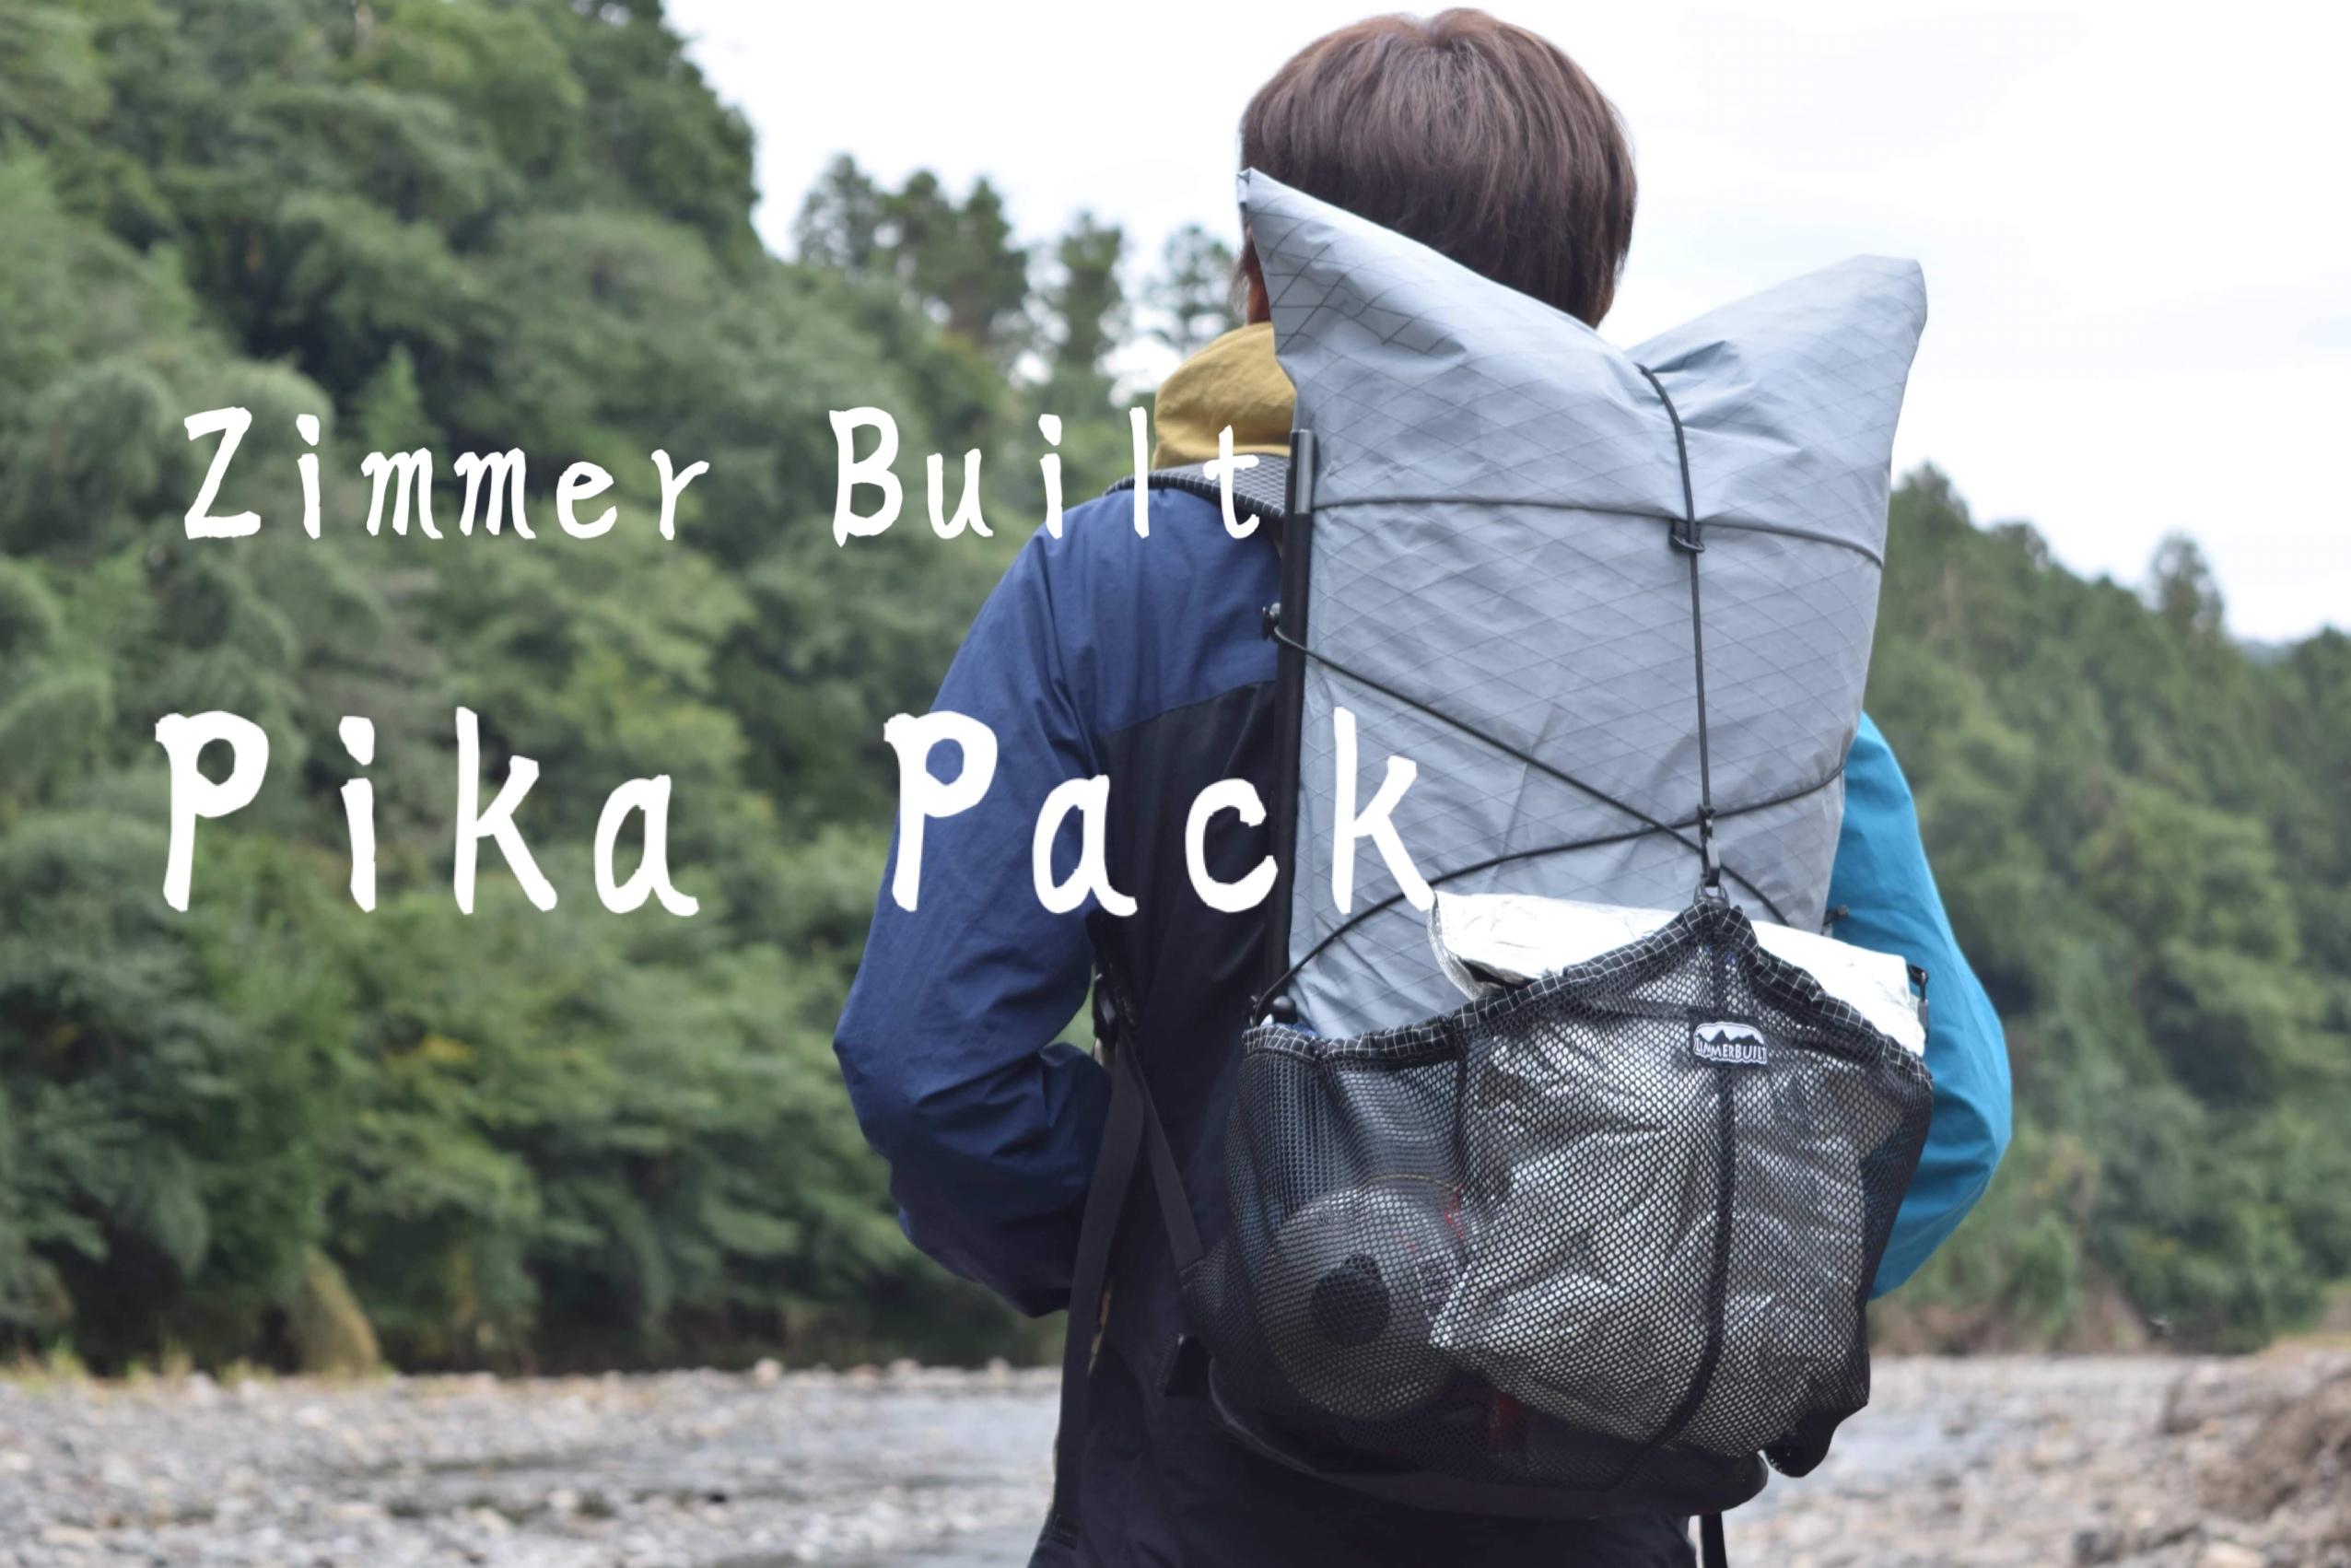 【隣のULキャンパー】スタイリッシュなウルトラライトザック!Zimmer BuiltのPika Pack!